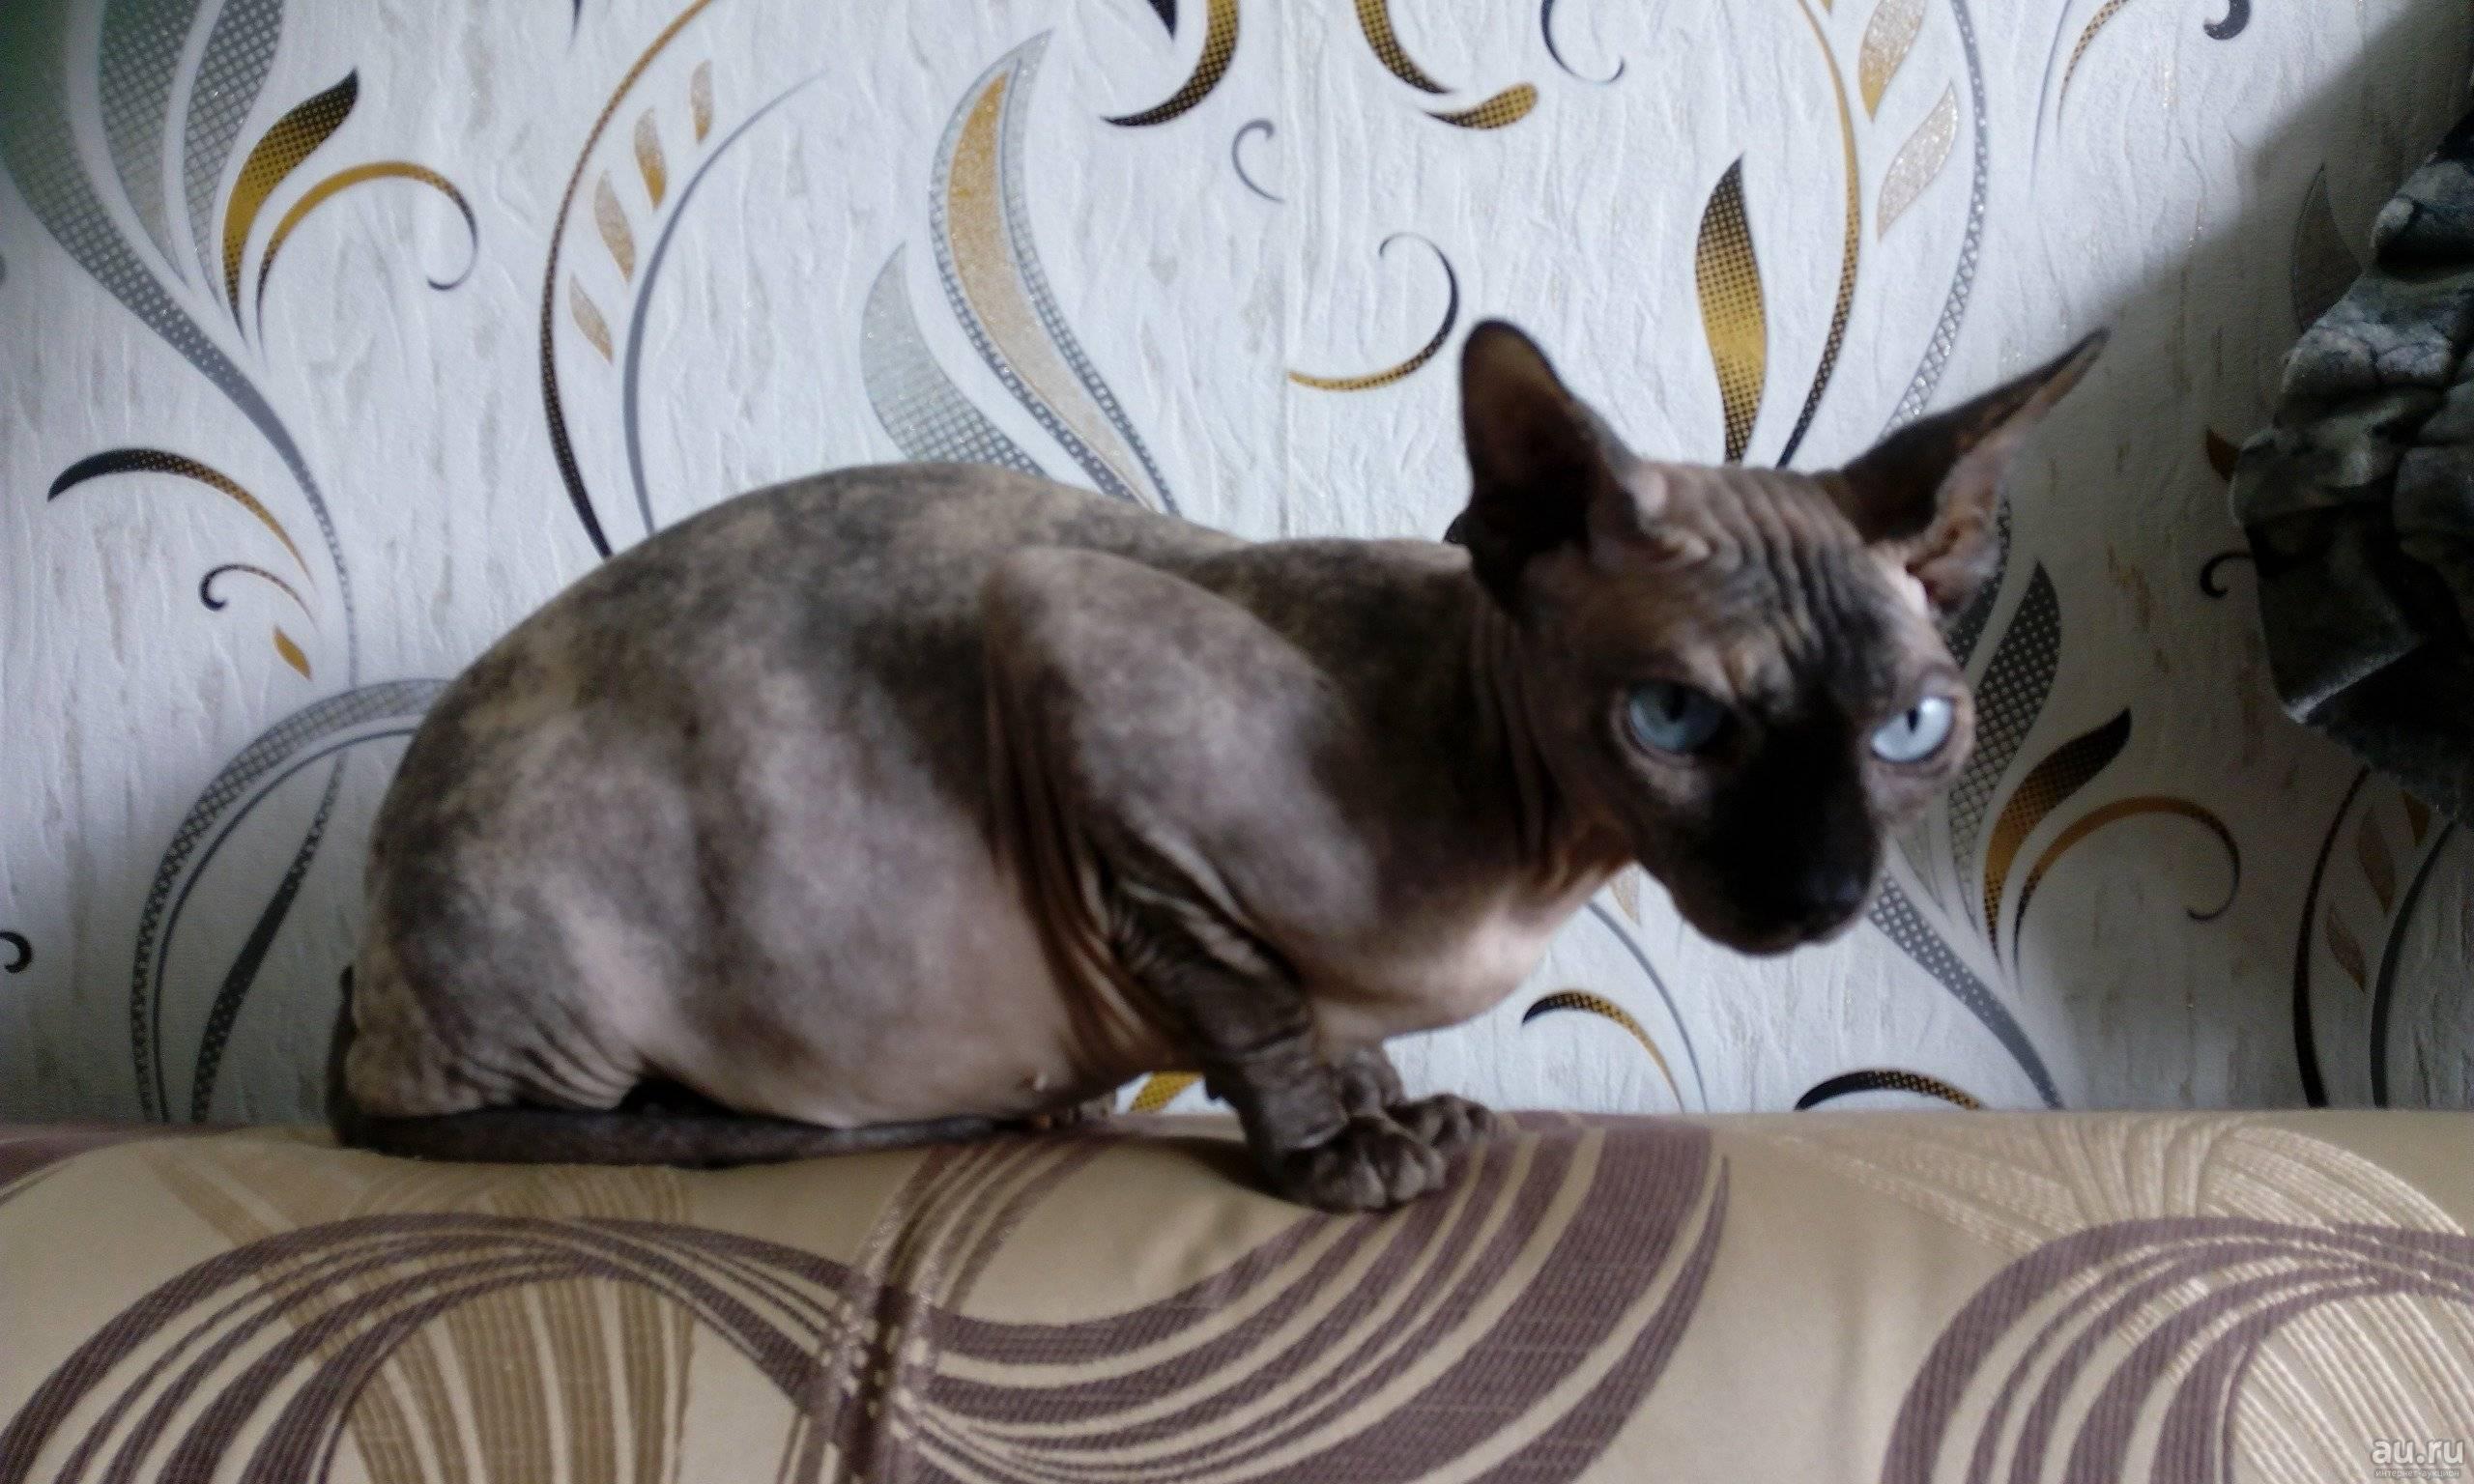 Кошки метисы: описание внешности и характера, уход за питомцем и его содержание, выбор котёнка, отзывы владельцев, фото кота